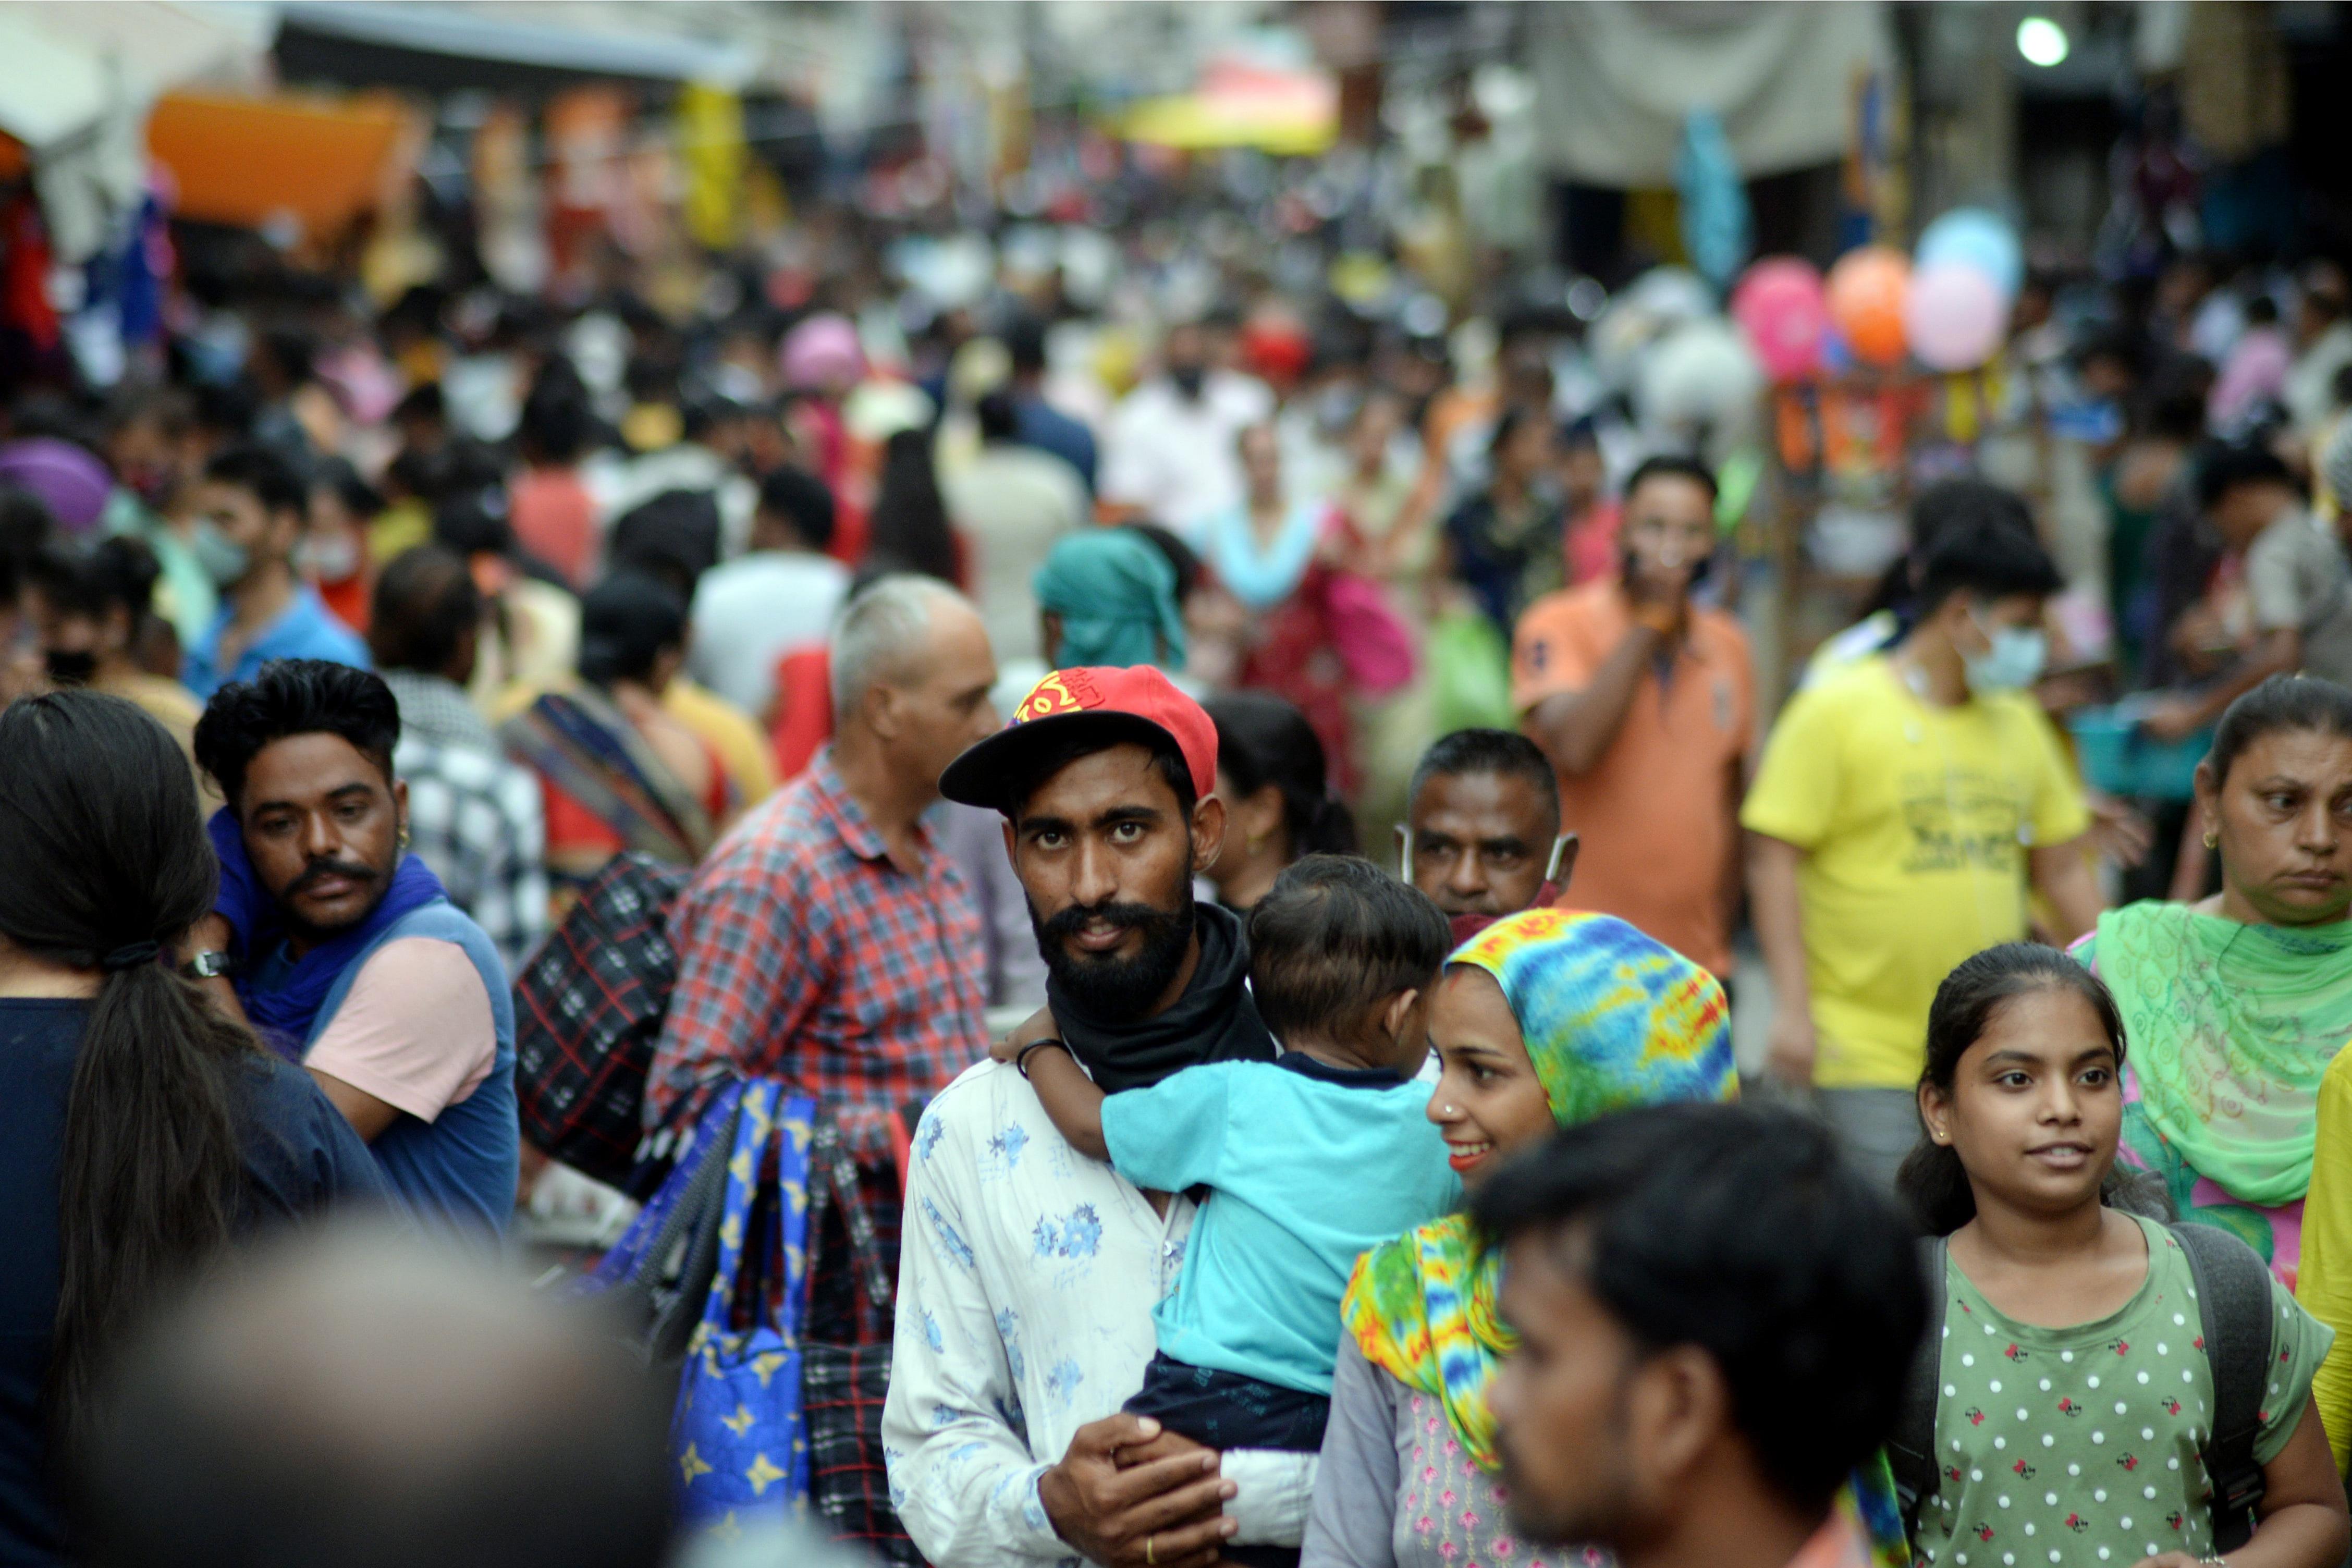 পশ্চিমবঙ্গের পরিসংখ্যান : মঙ্গলবার সন্ধ্যার বুলেটিন অনুযায়ী এক দিনে মোট ৬১৩ জনের দেহে করোনা সংক্রমণ সনাক্ত হয়েছে। রাজ্যে করোনায় ১২ জনের মৃত্যু হয়েছে। ফাইল ছবি : এএনআই (ANI)